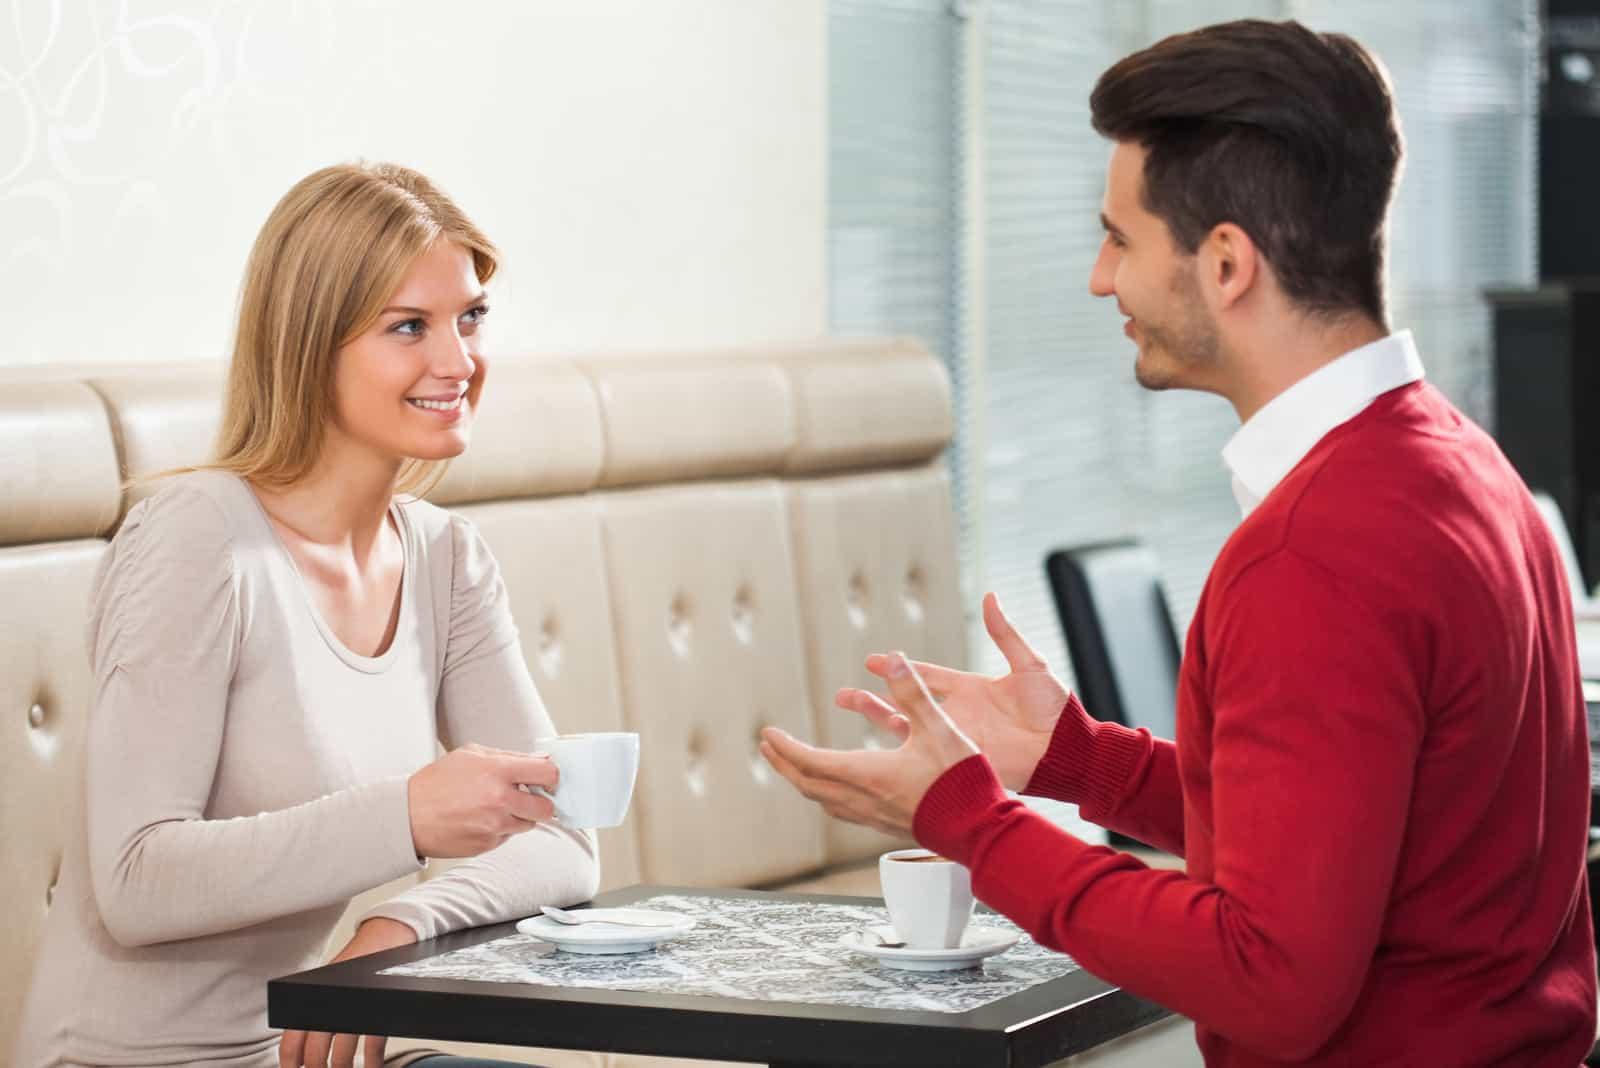 un homme et une femme parlent assis face à face